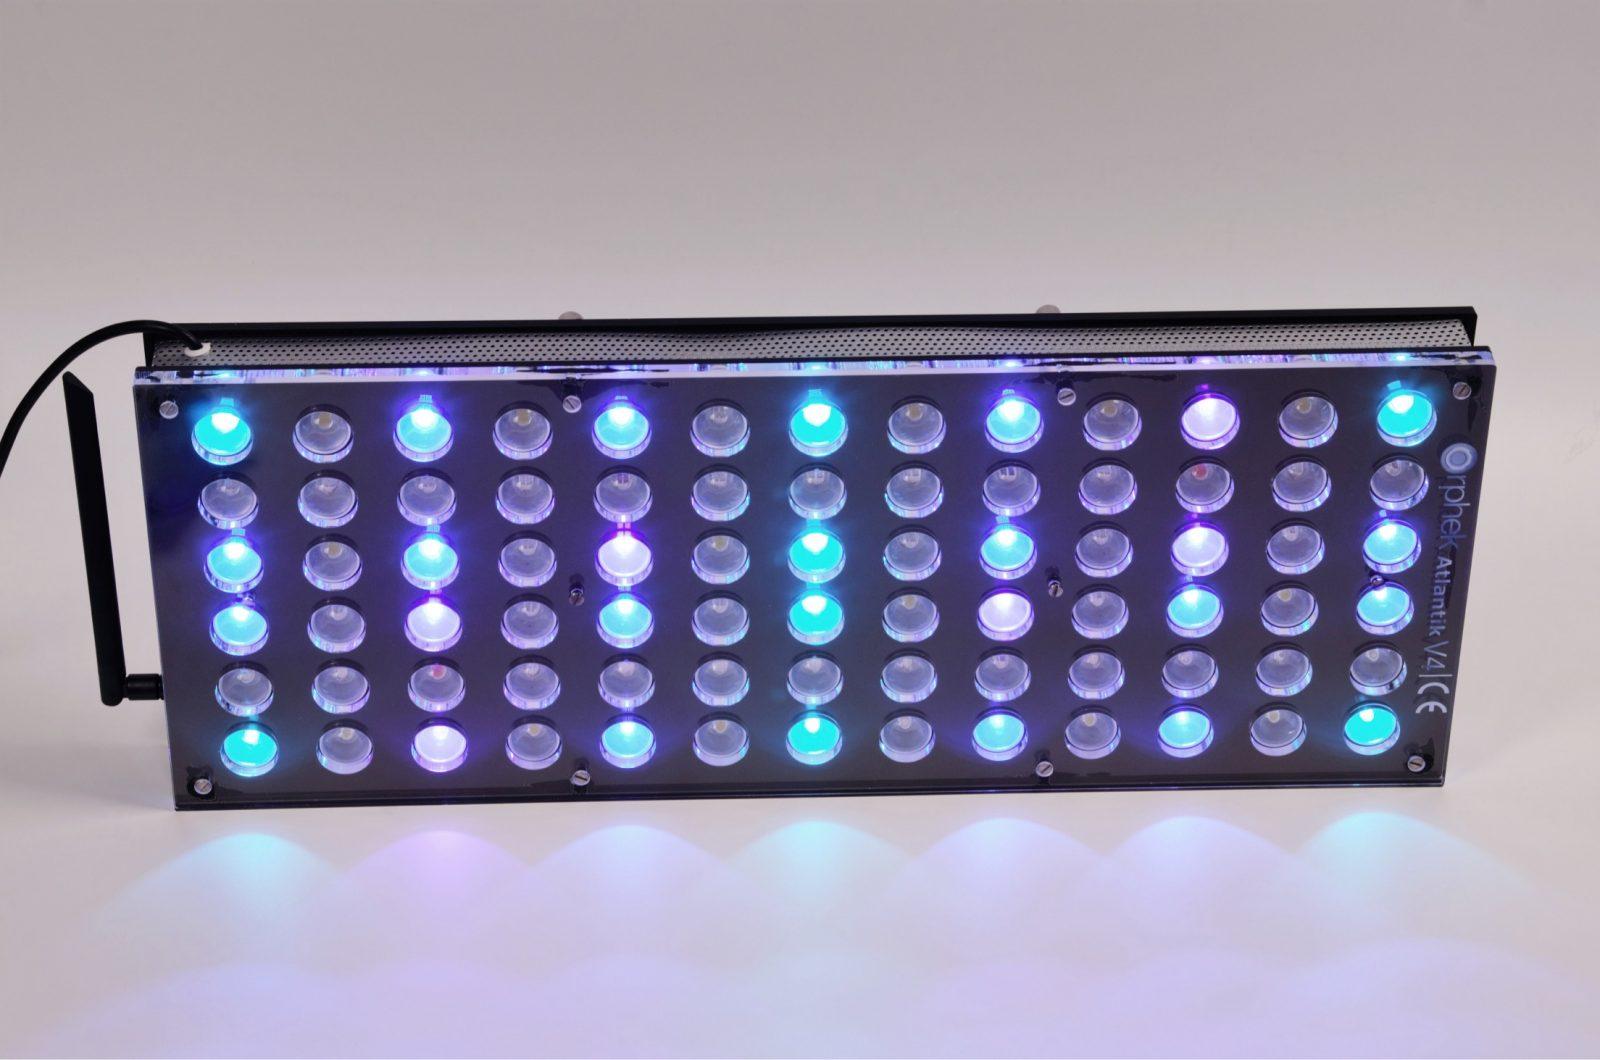 תאורת LED Orphek מיכל אור